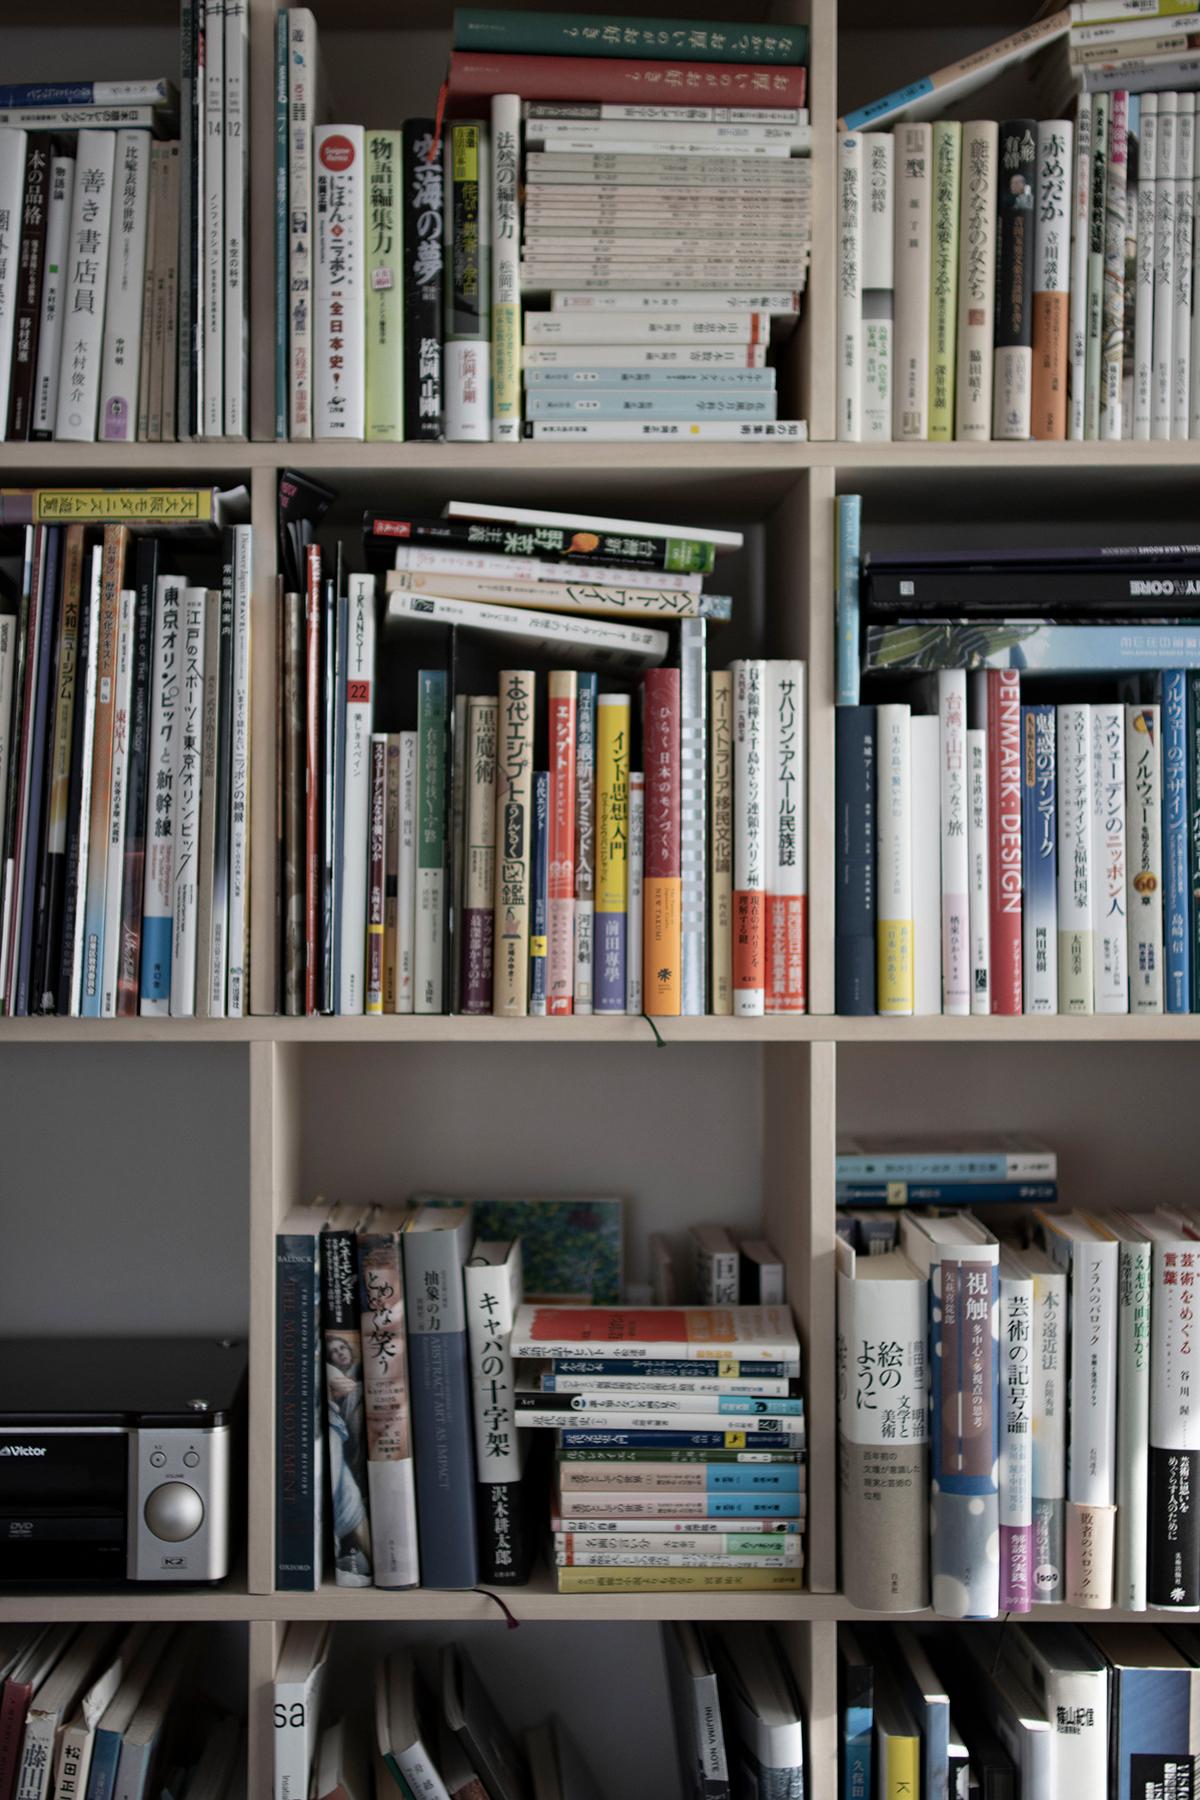 ワークデスクがある書斎の本棚と書籍